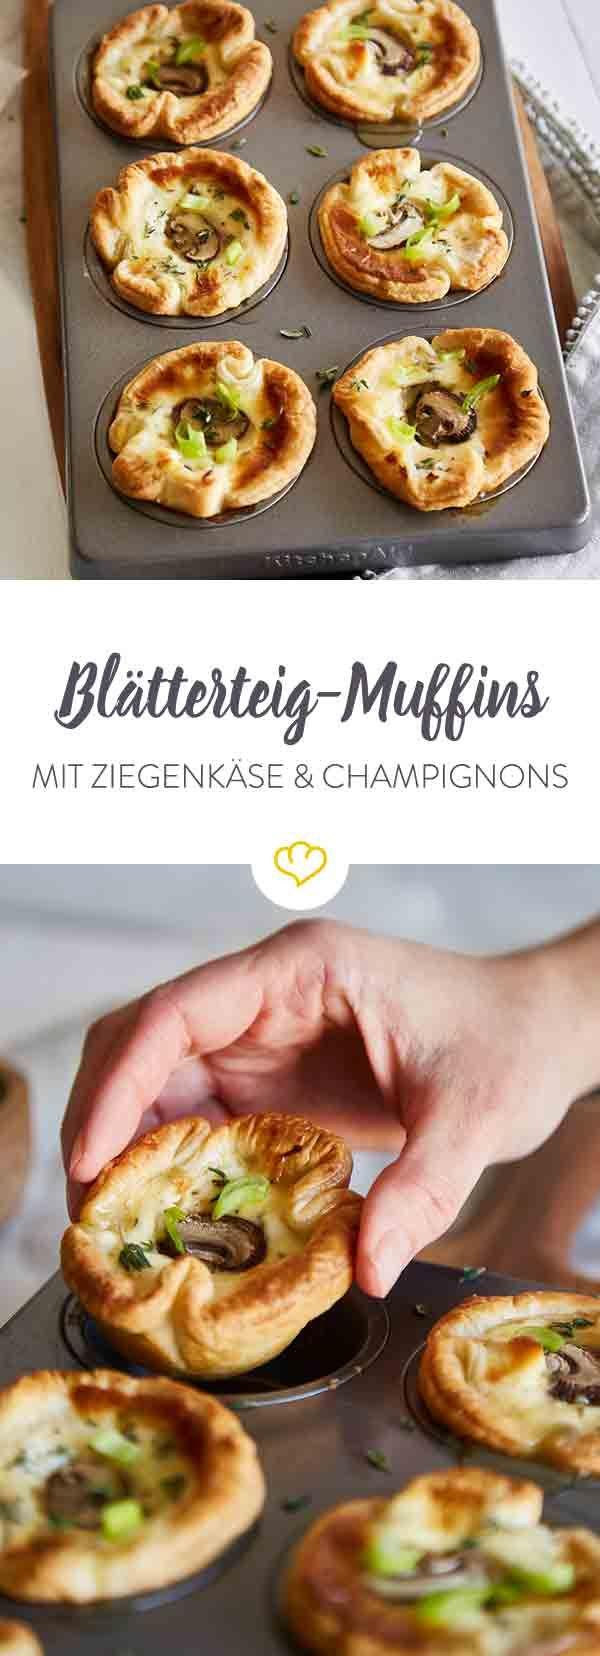 Schneller geht's nicht: Mach aus deinem Blätterteig kleine Muffins und fülle sie mit Ziegenfrischkäse und würzigen Champignons.